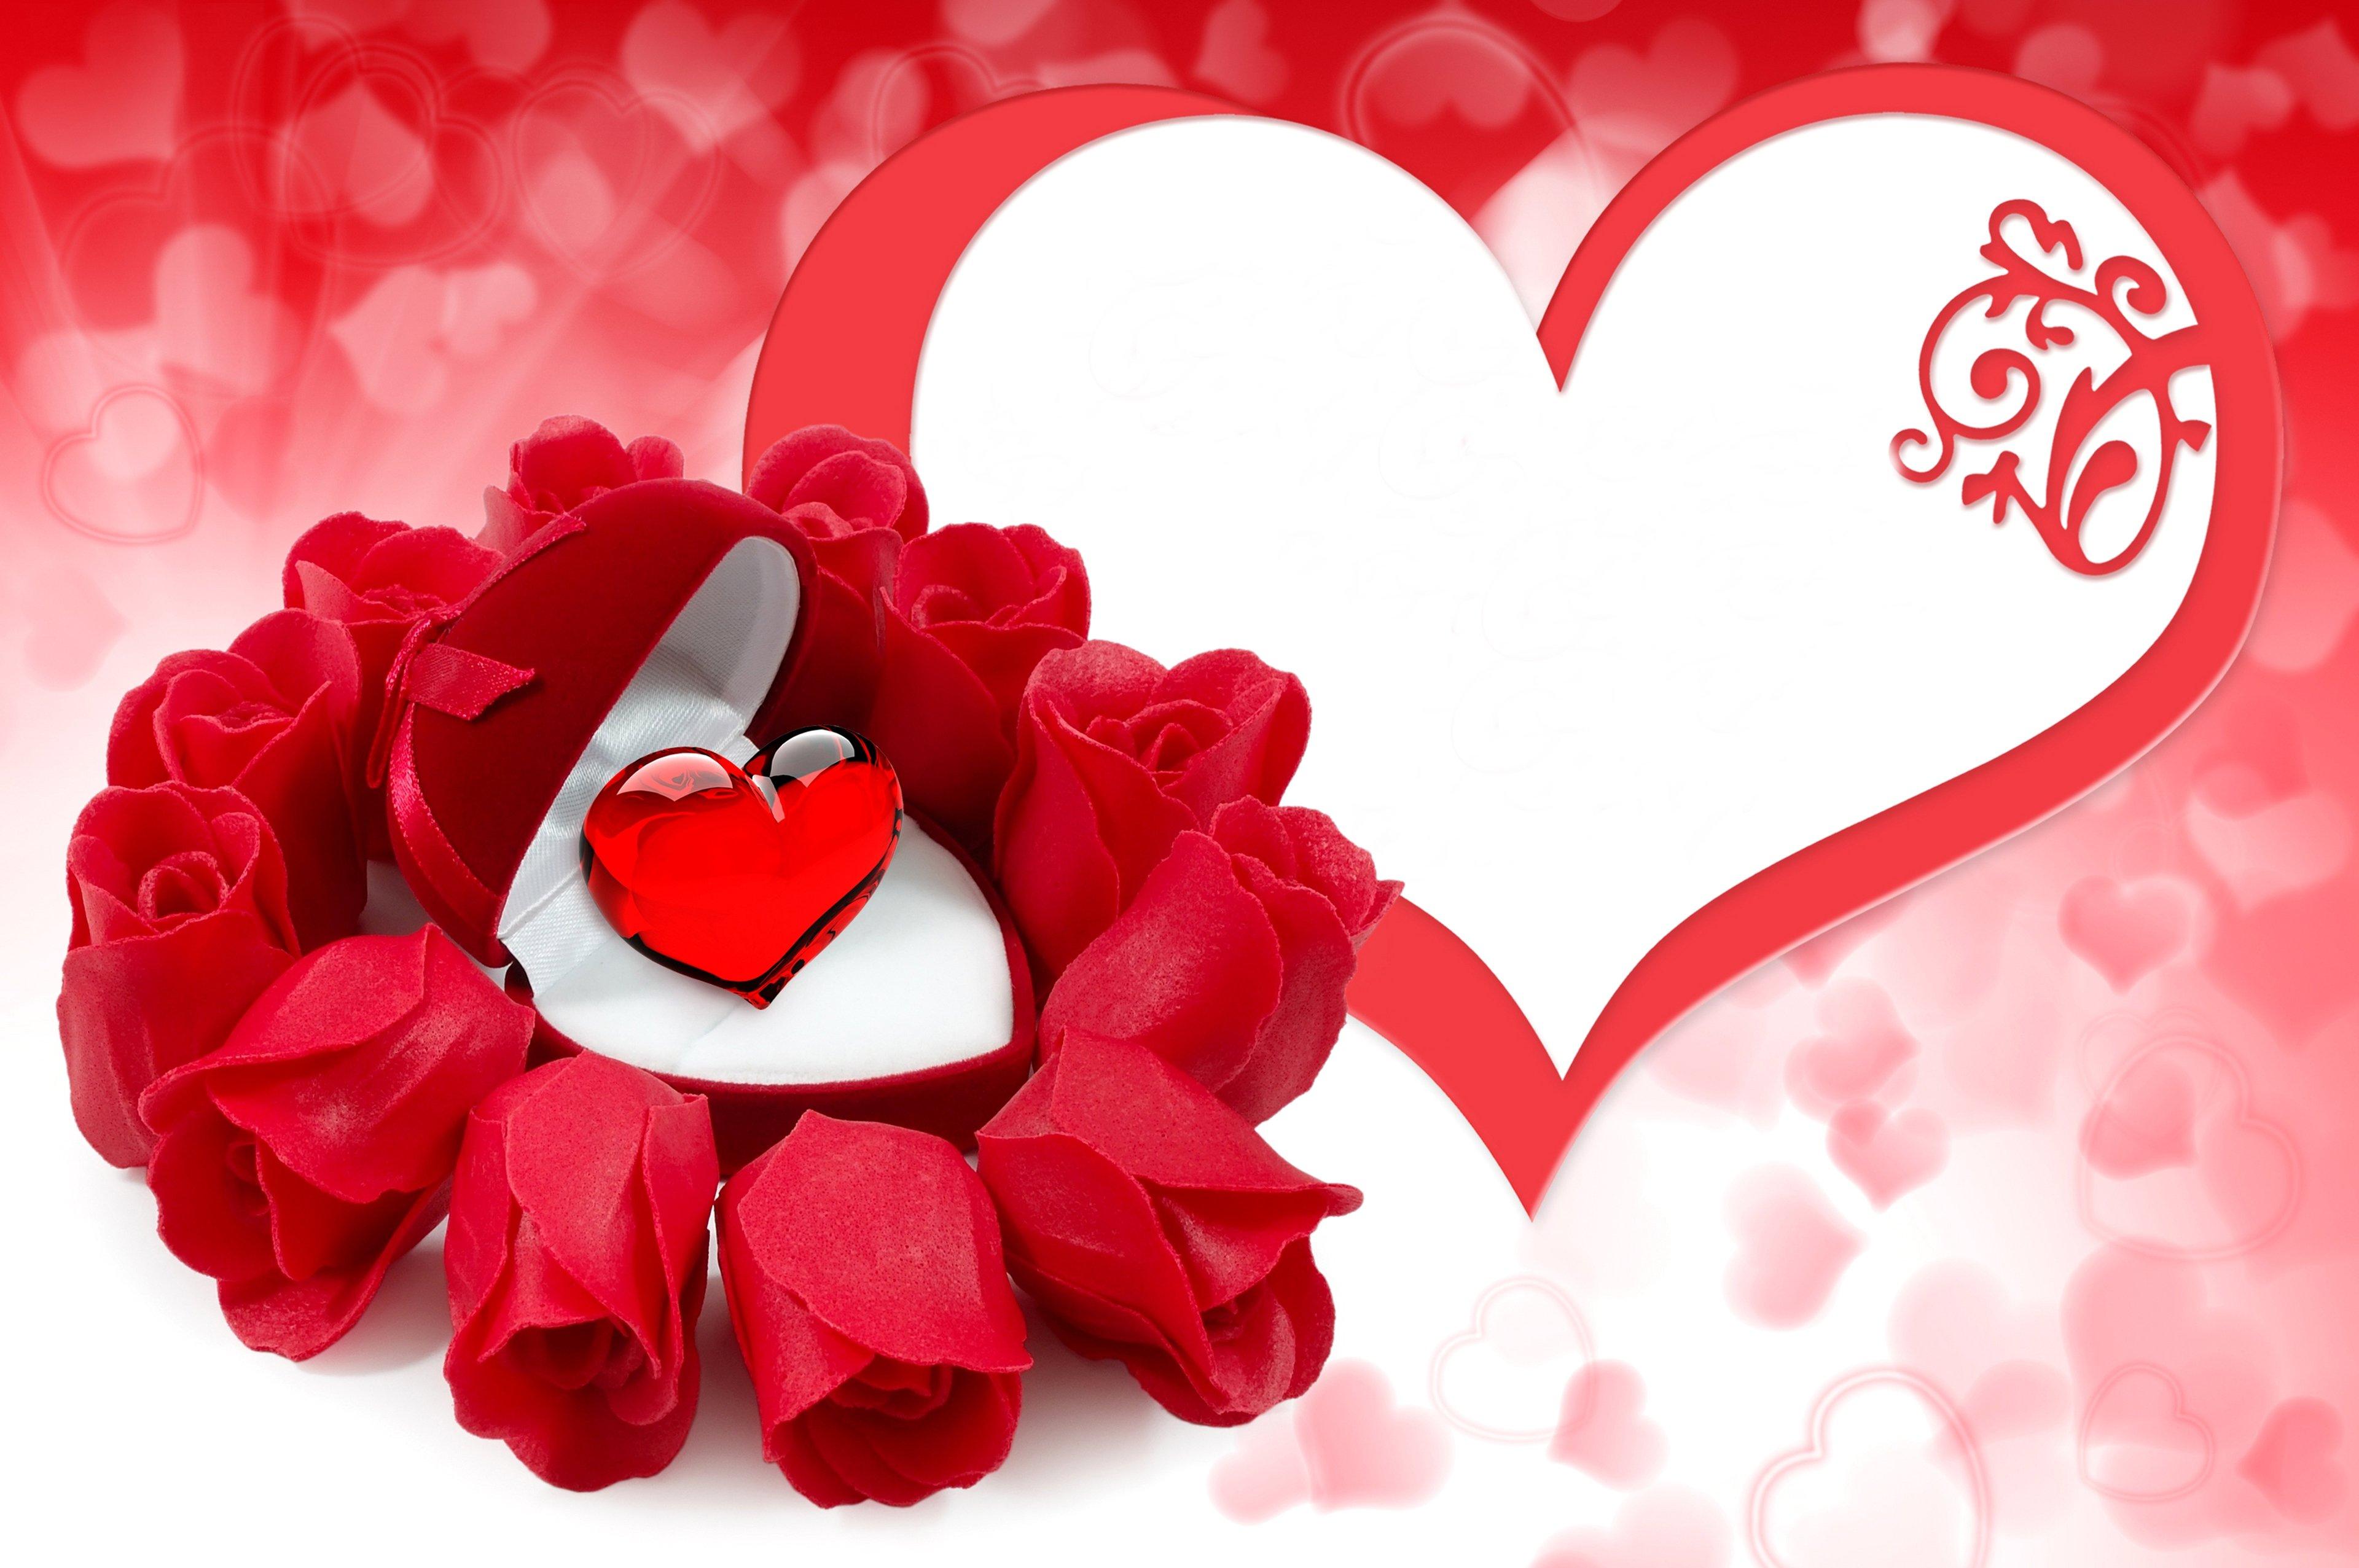 партизанского отряда лучшие валентинки фото ключ символизирует